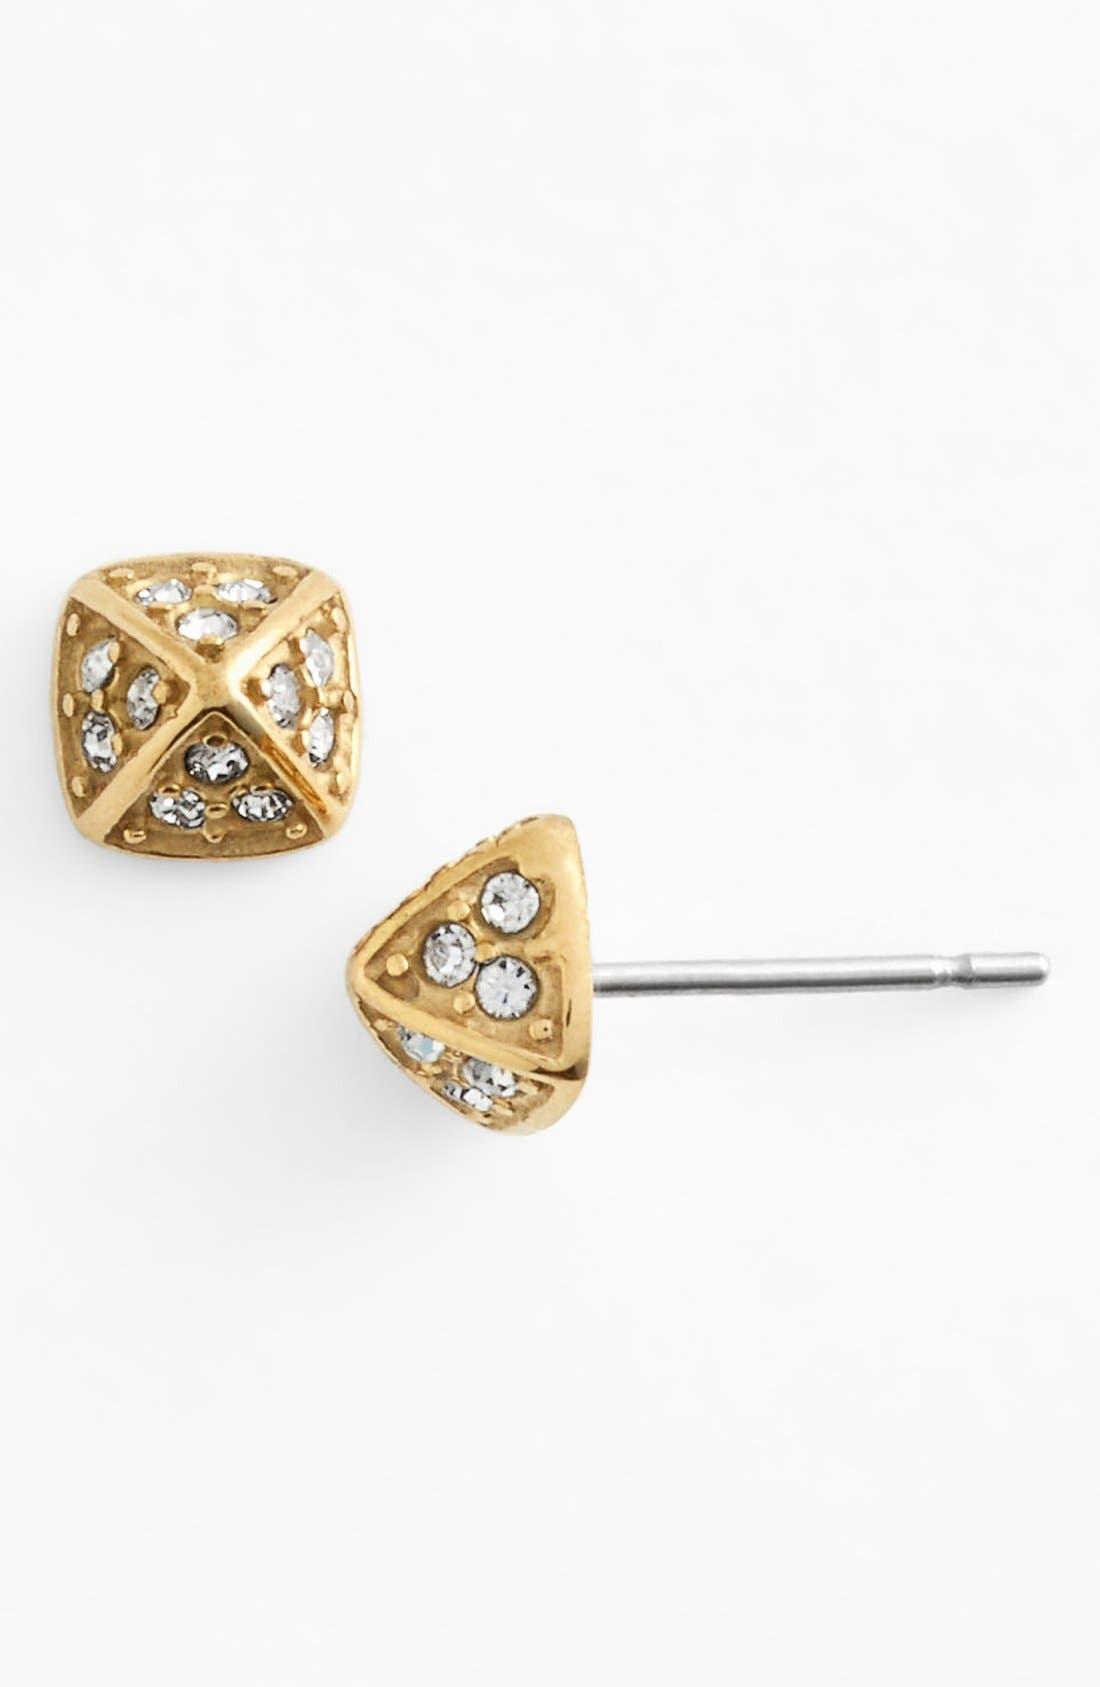 Alternate Image 1 Selected - Rebecca Minkoff 'Jewel Box' Pavé Pyramid Stud Earrings